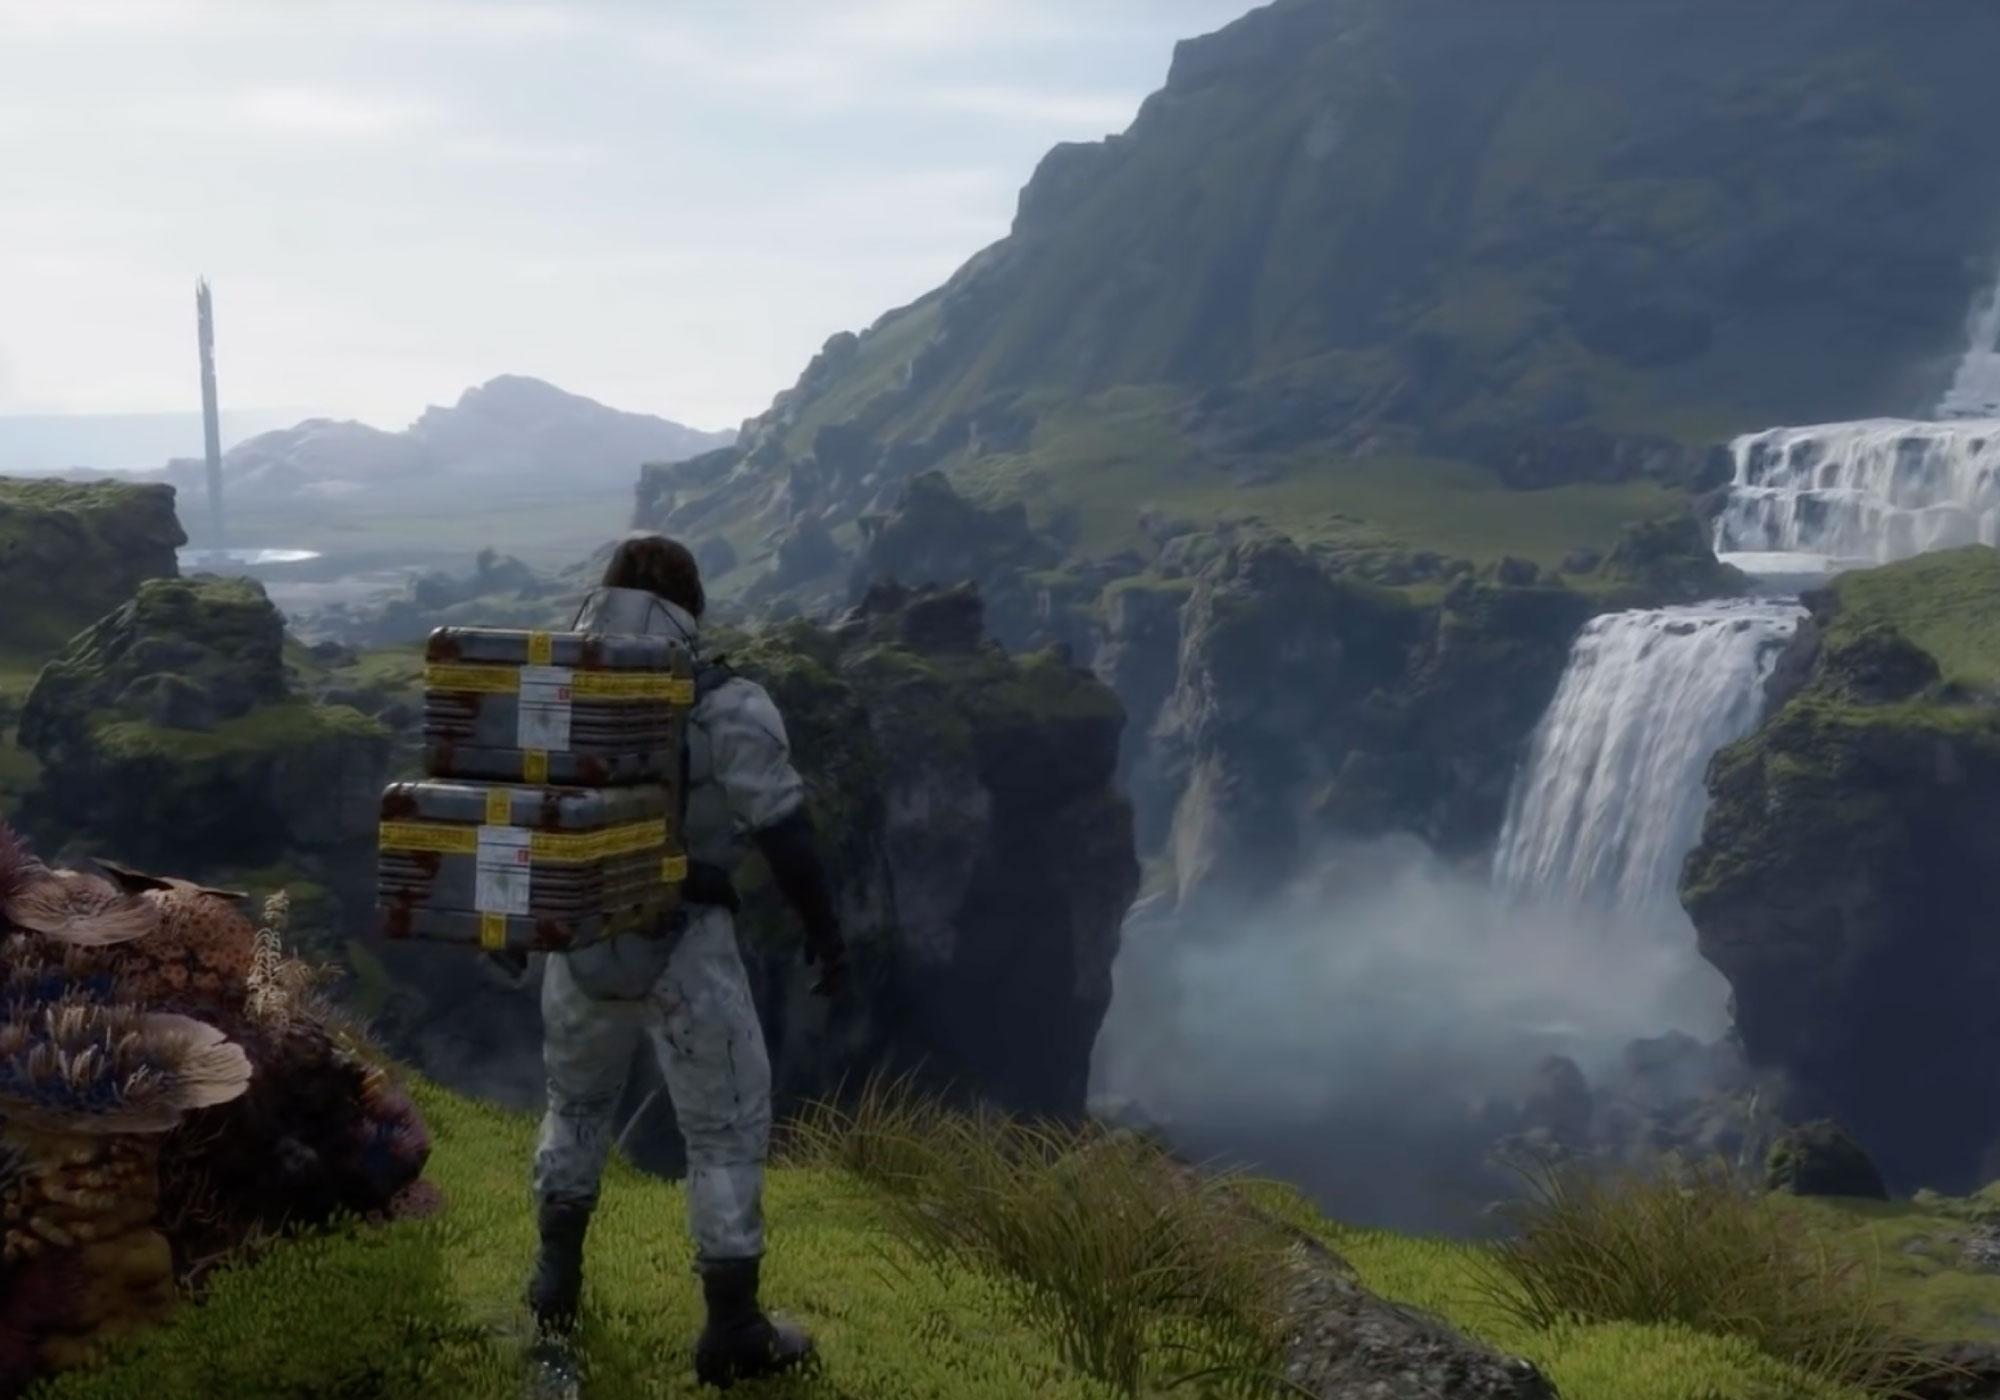 Pandemia e Death Stranding: cosa possiamo imparare da un videogioco che ha predetto il futuro